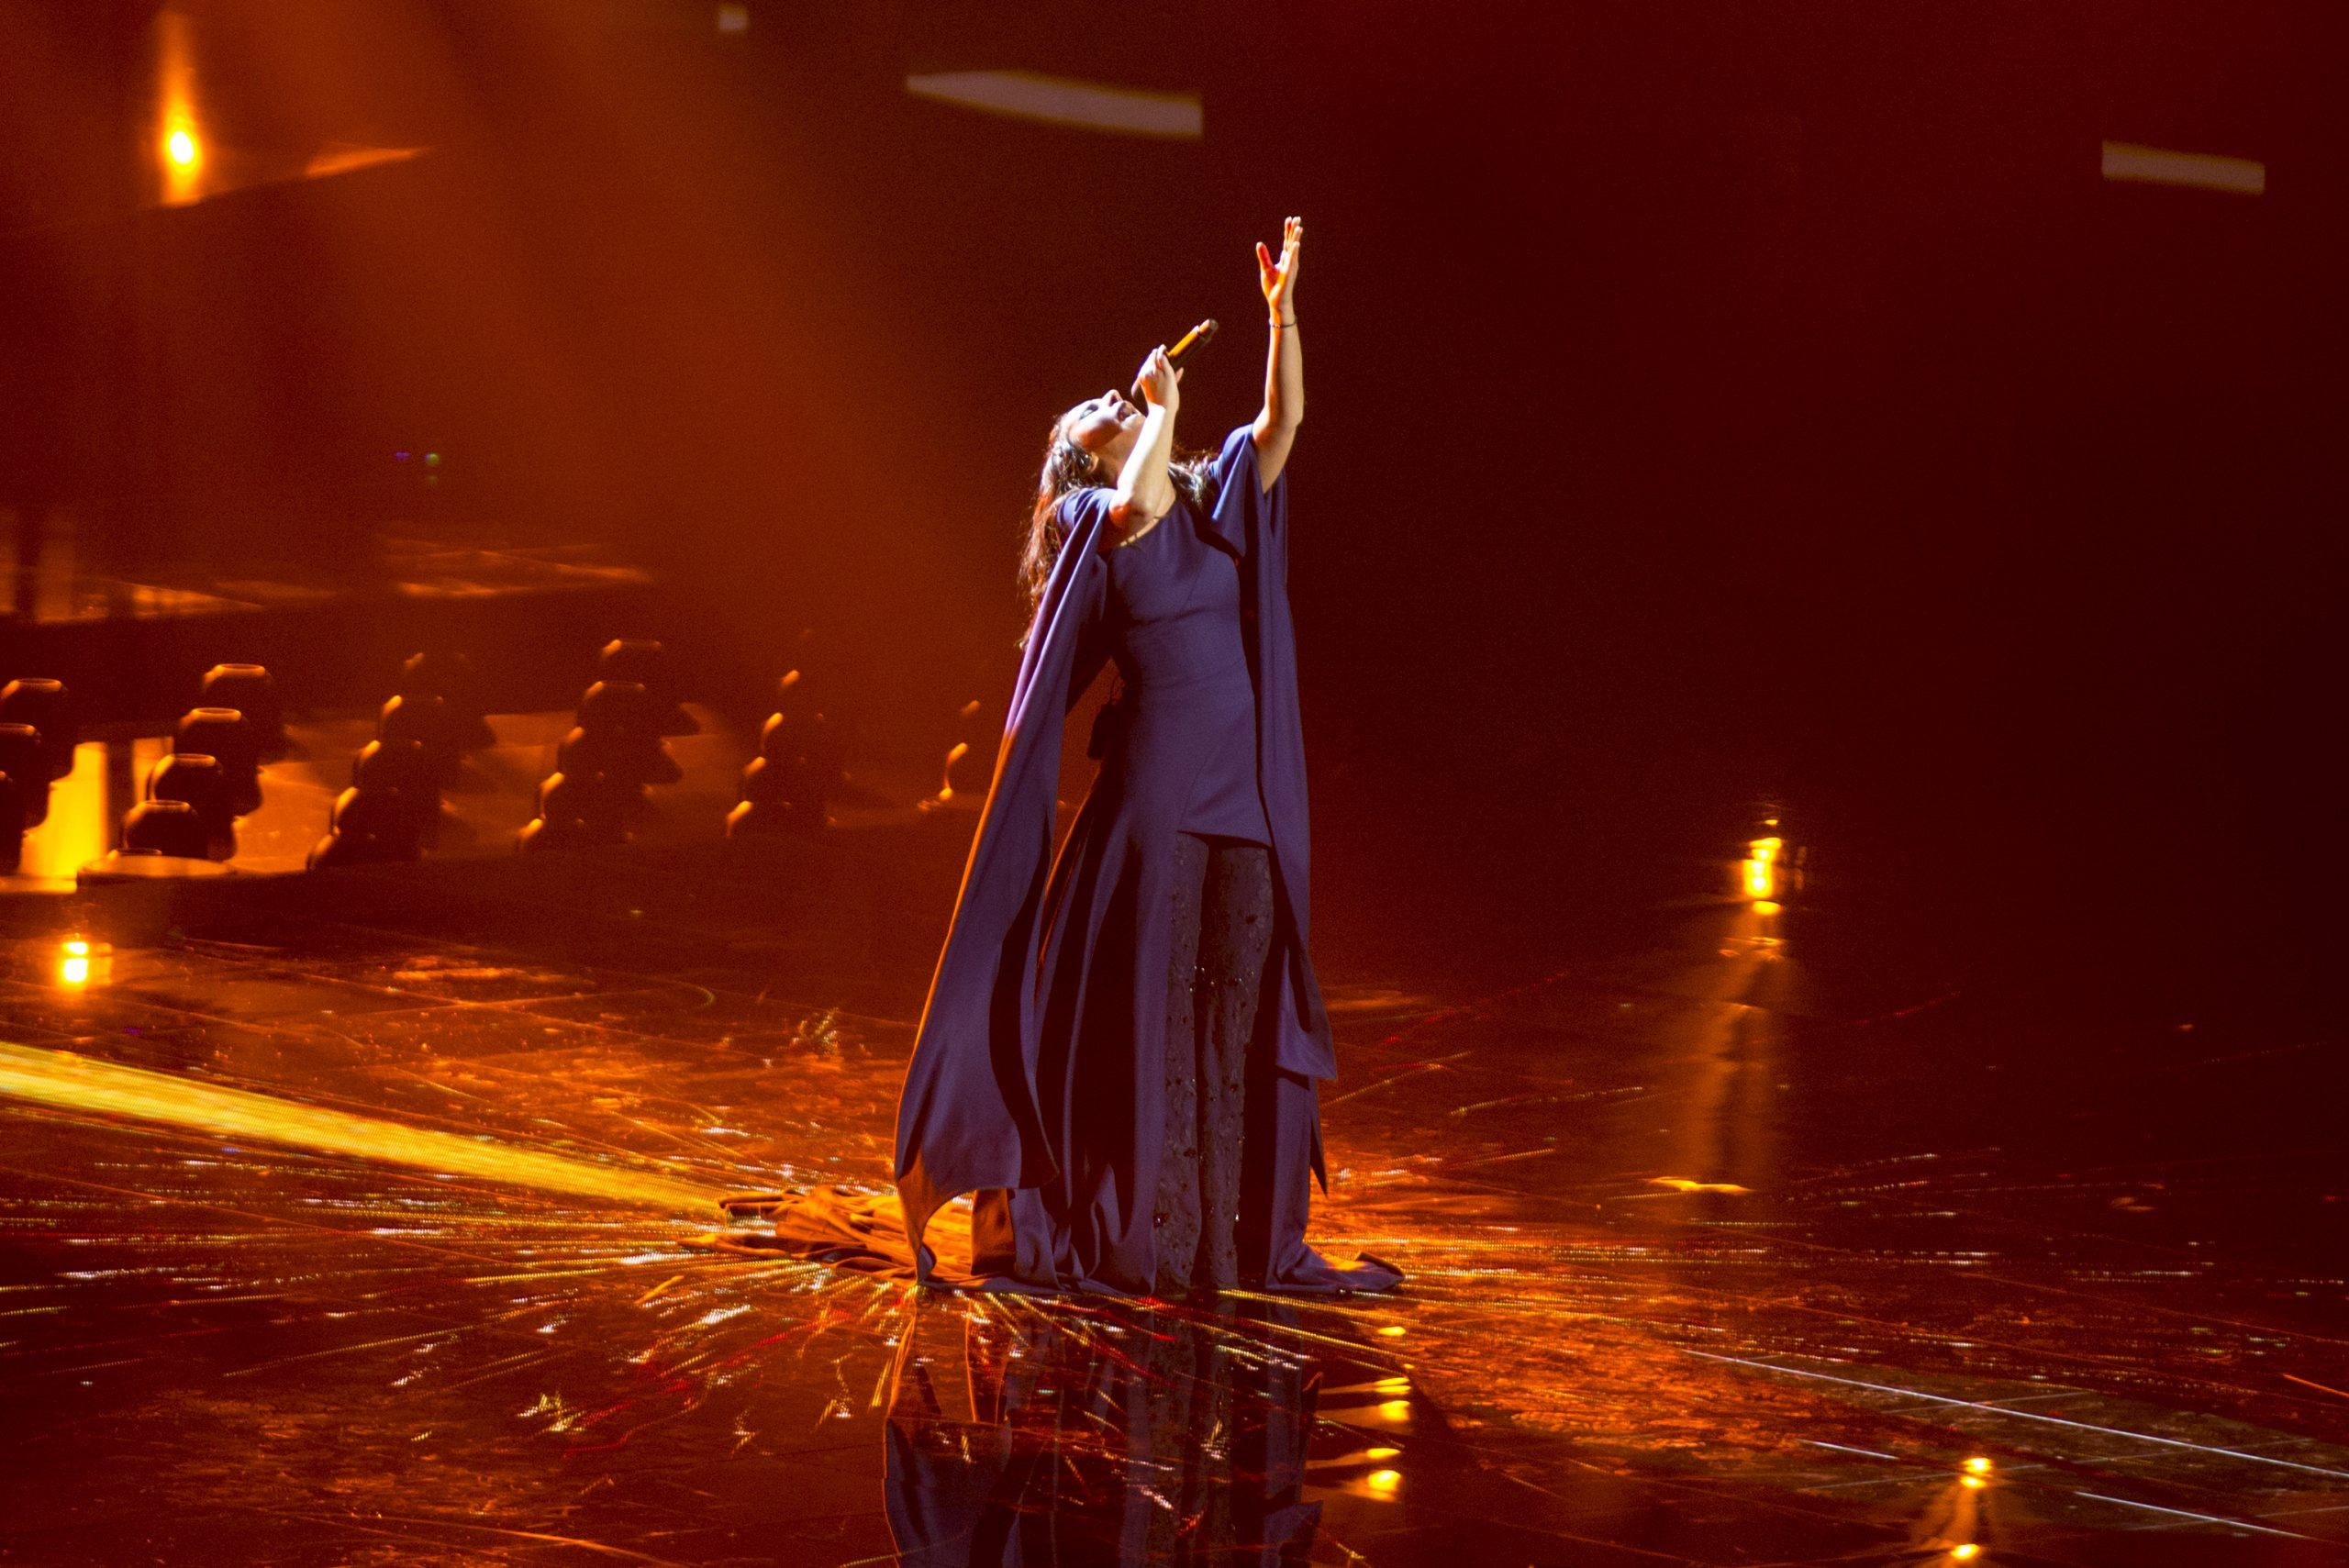 L'Eurovision : un concours de chant au coeur des enjeux géopolitiques